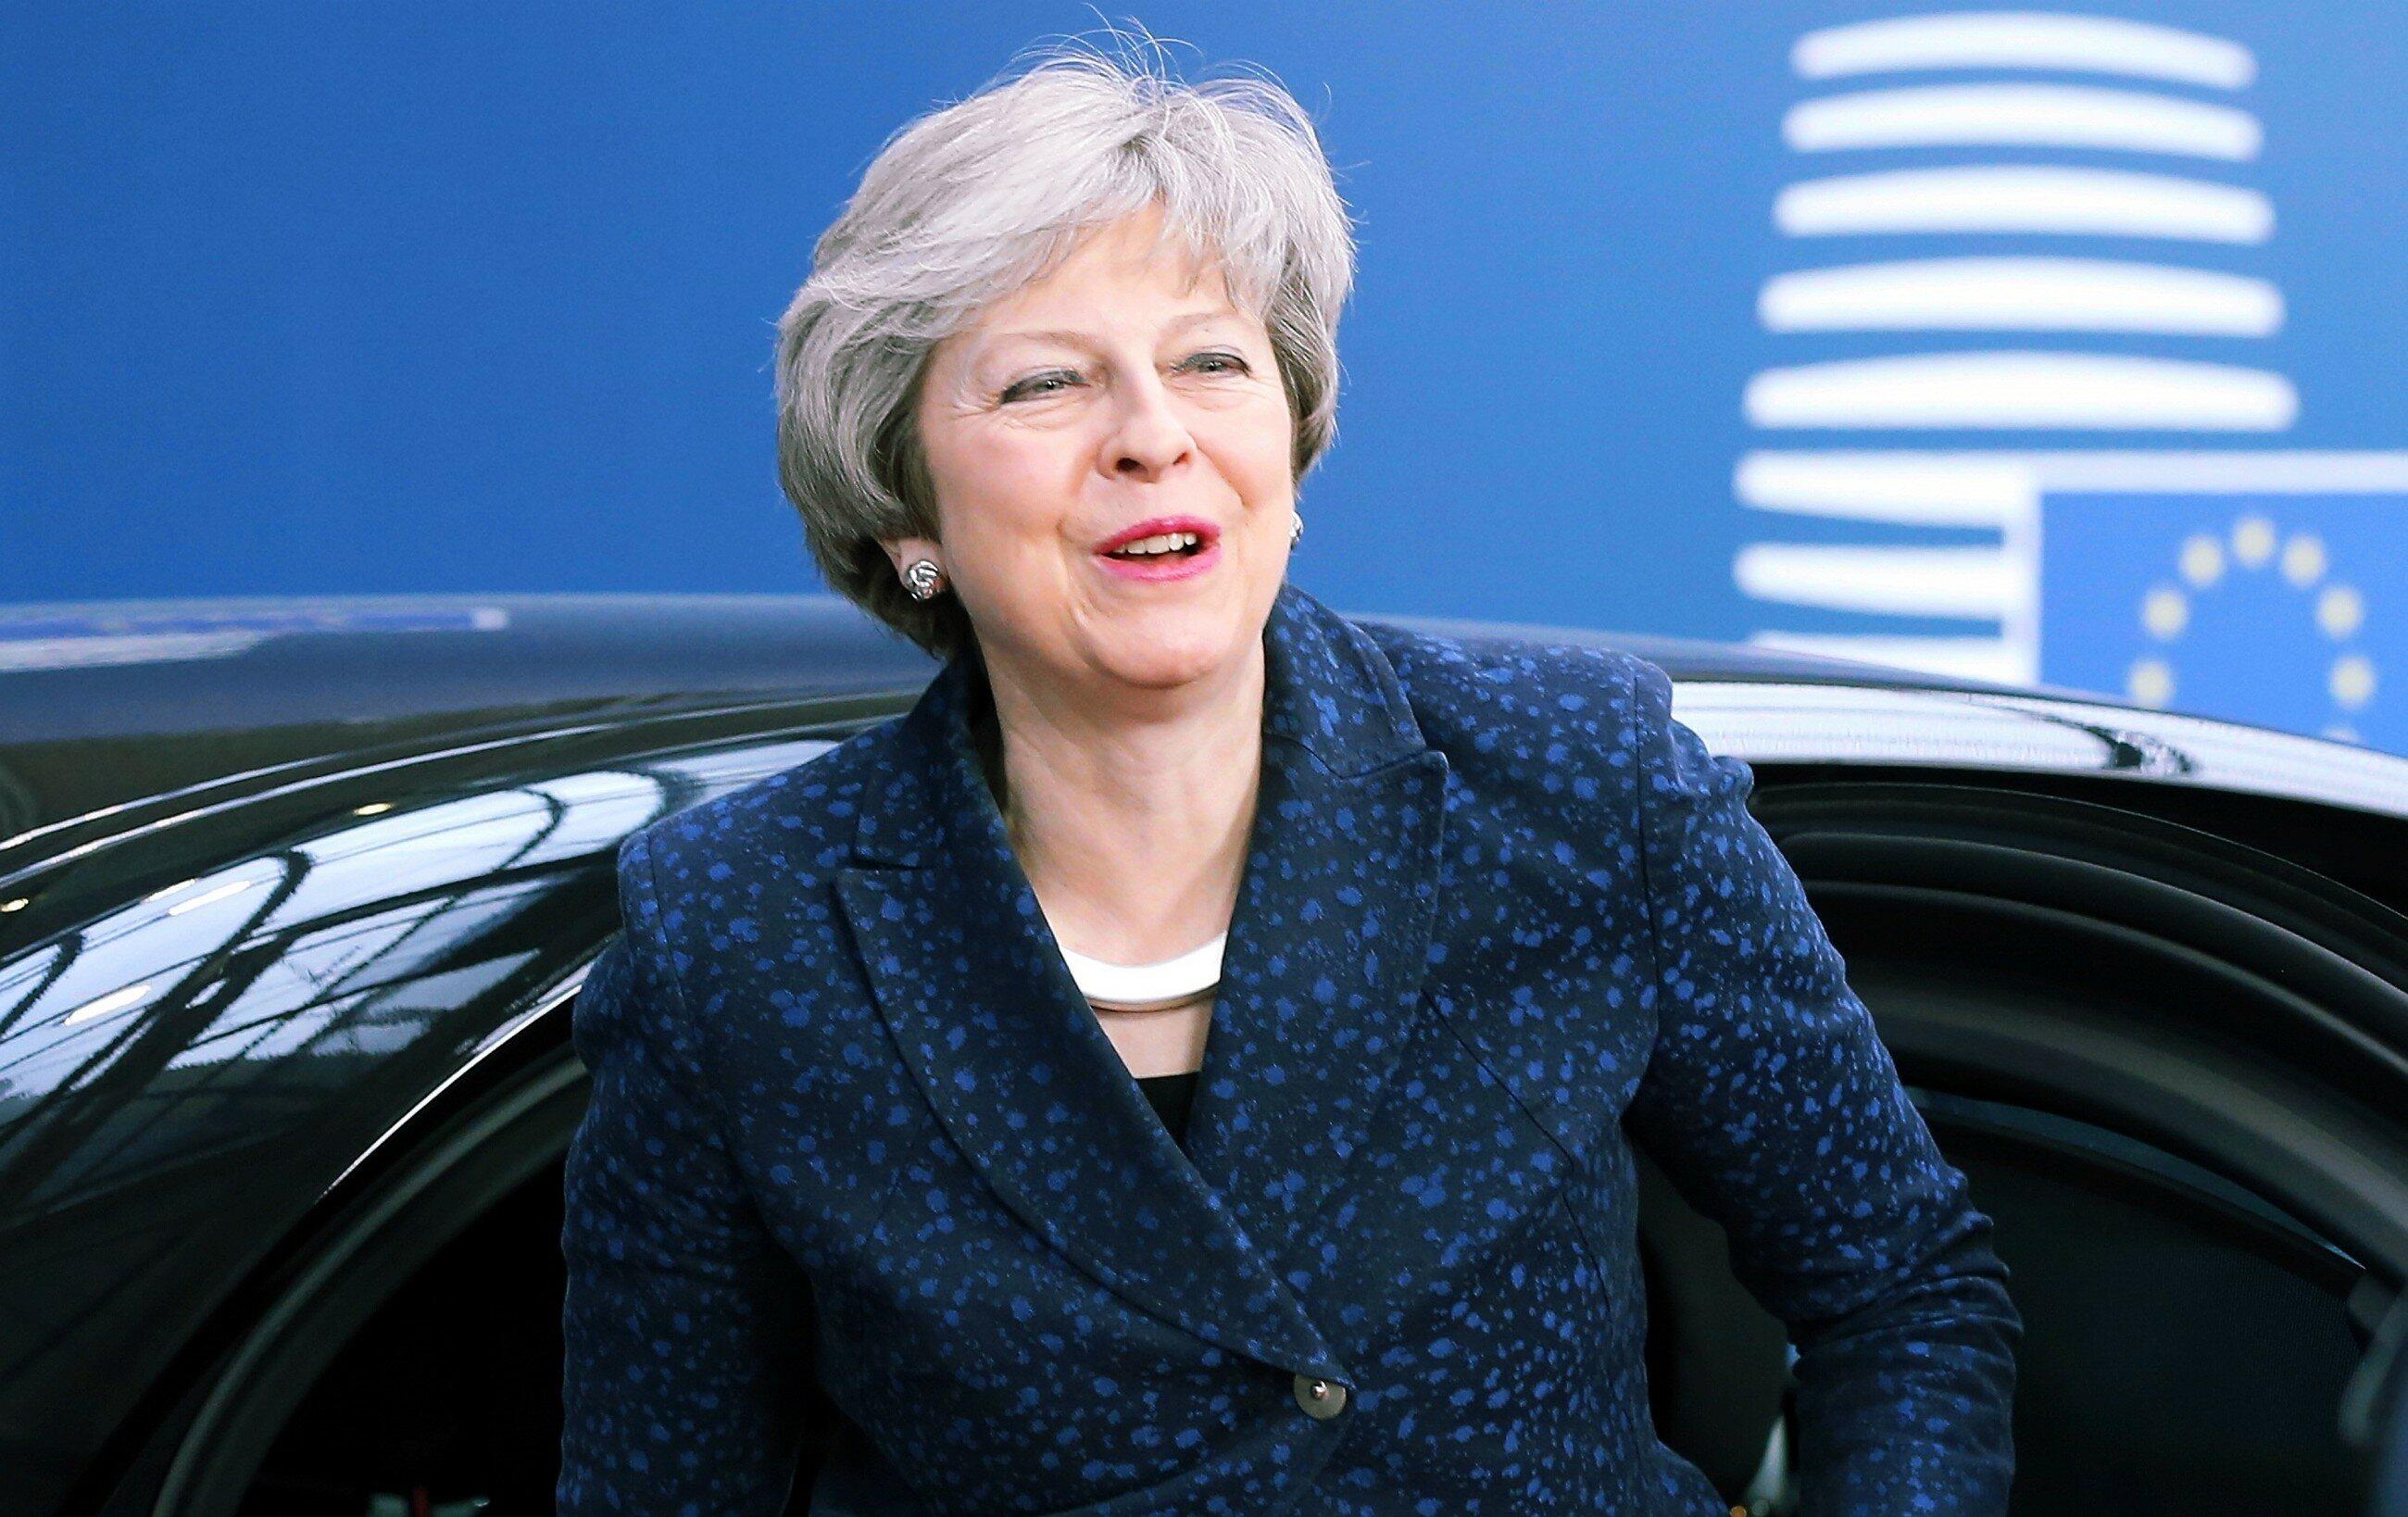 W piątek 5 kwietnia szefowa brytyjskiego rządu wysłała list do przewodniczącego Rady Europejskiej z wnioskiem o przełożenie terminu brexitu na…